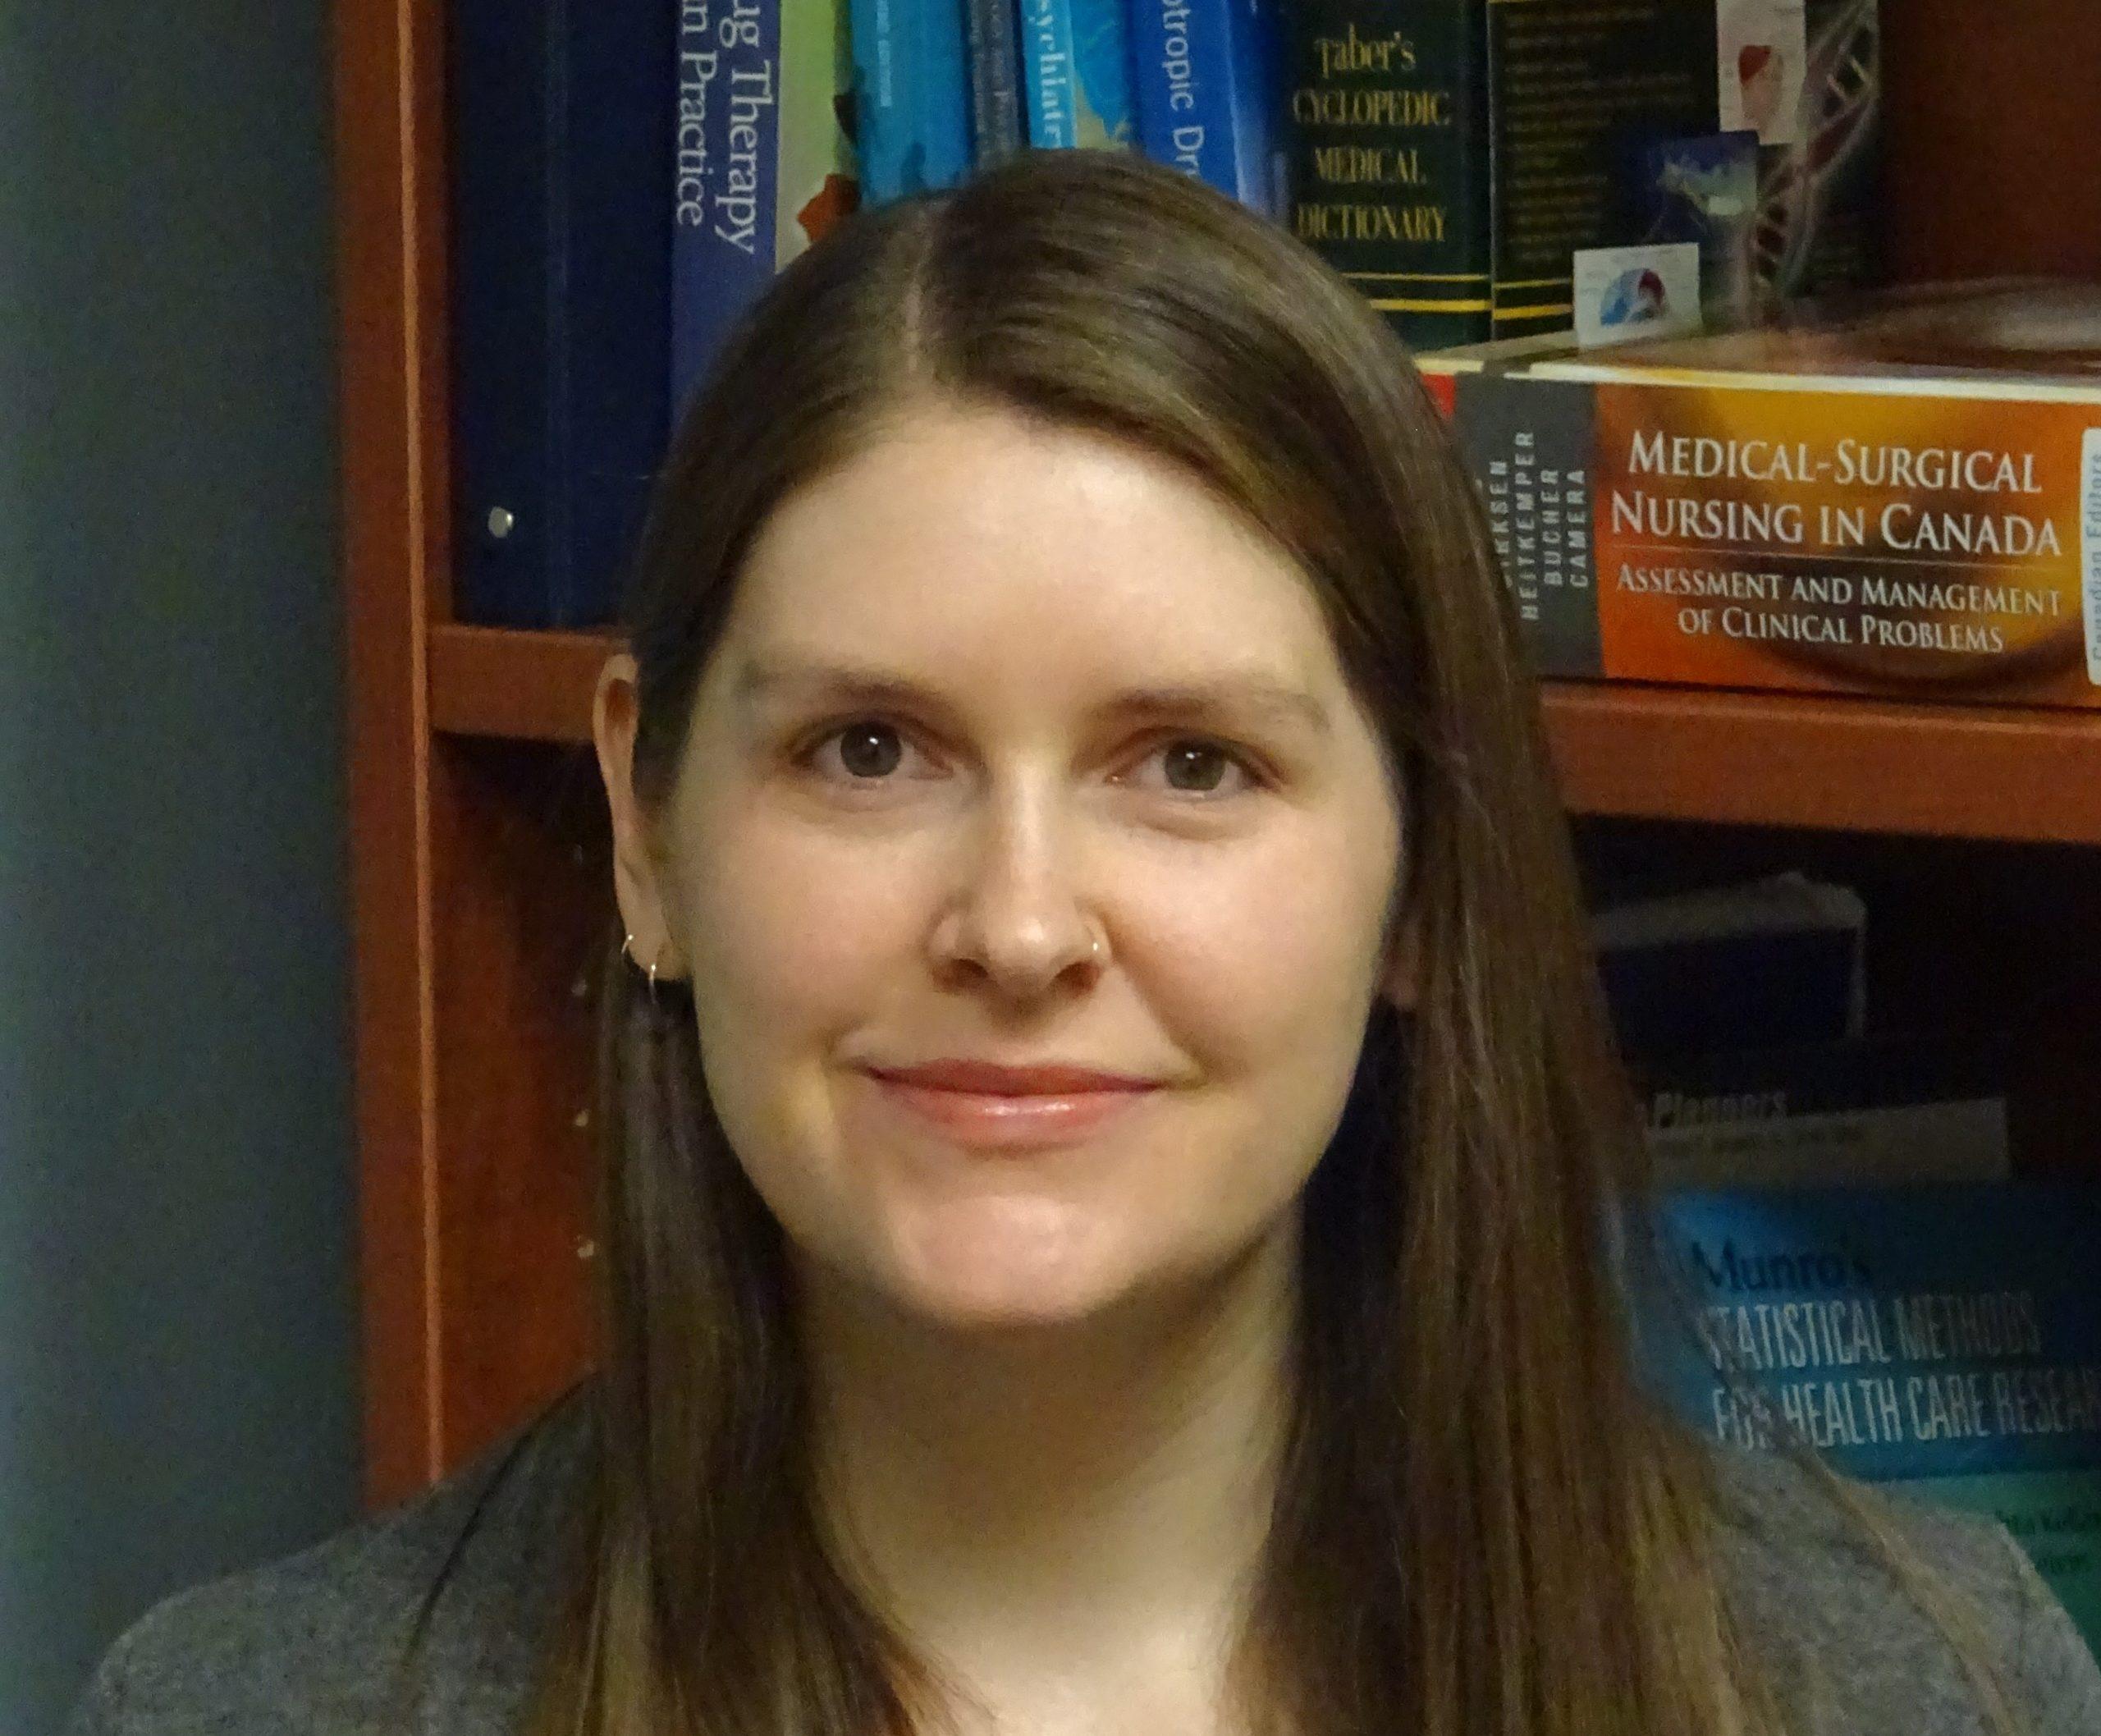 Andrea Thomson